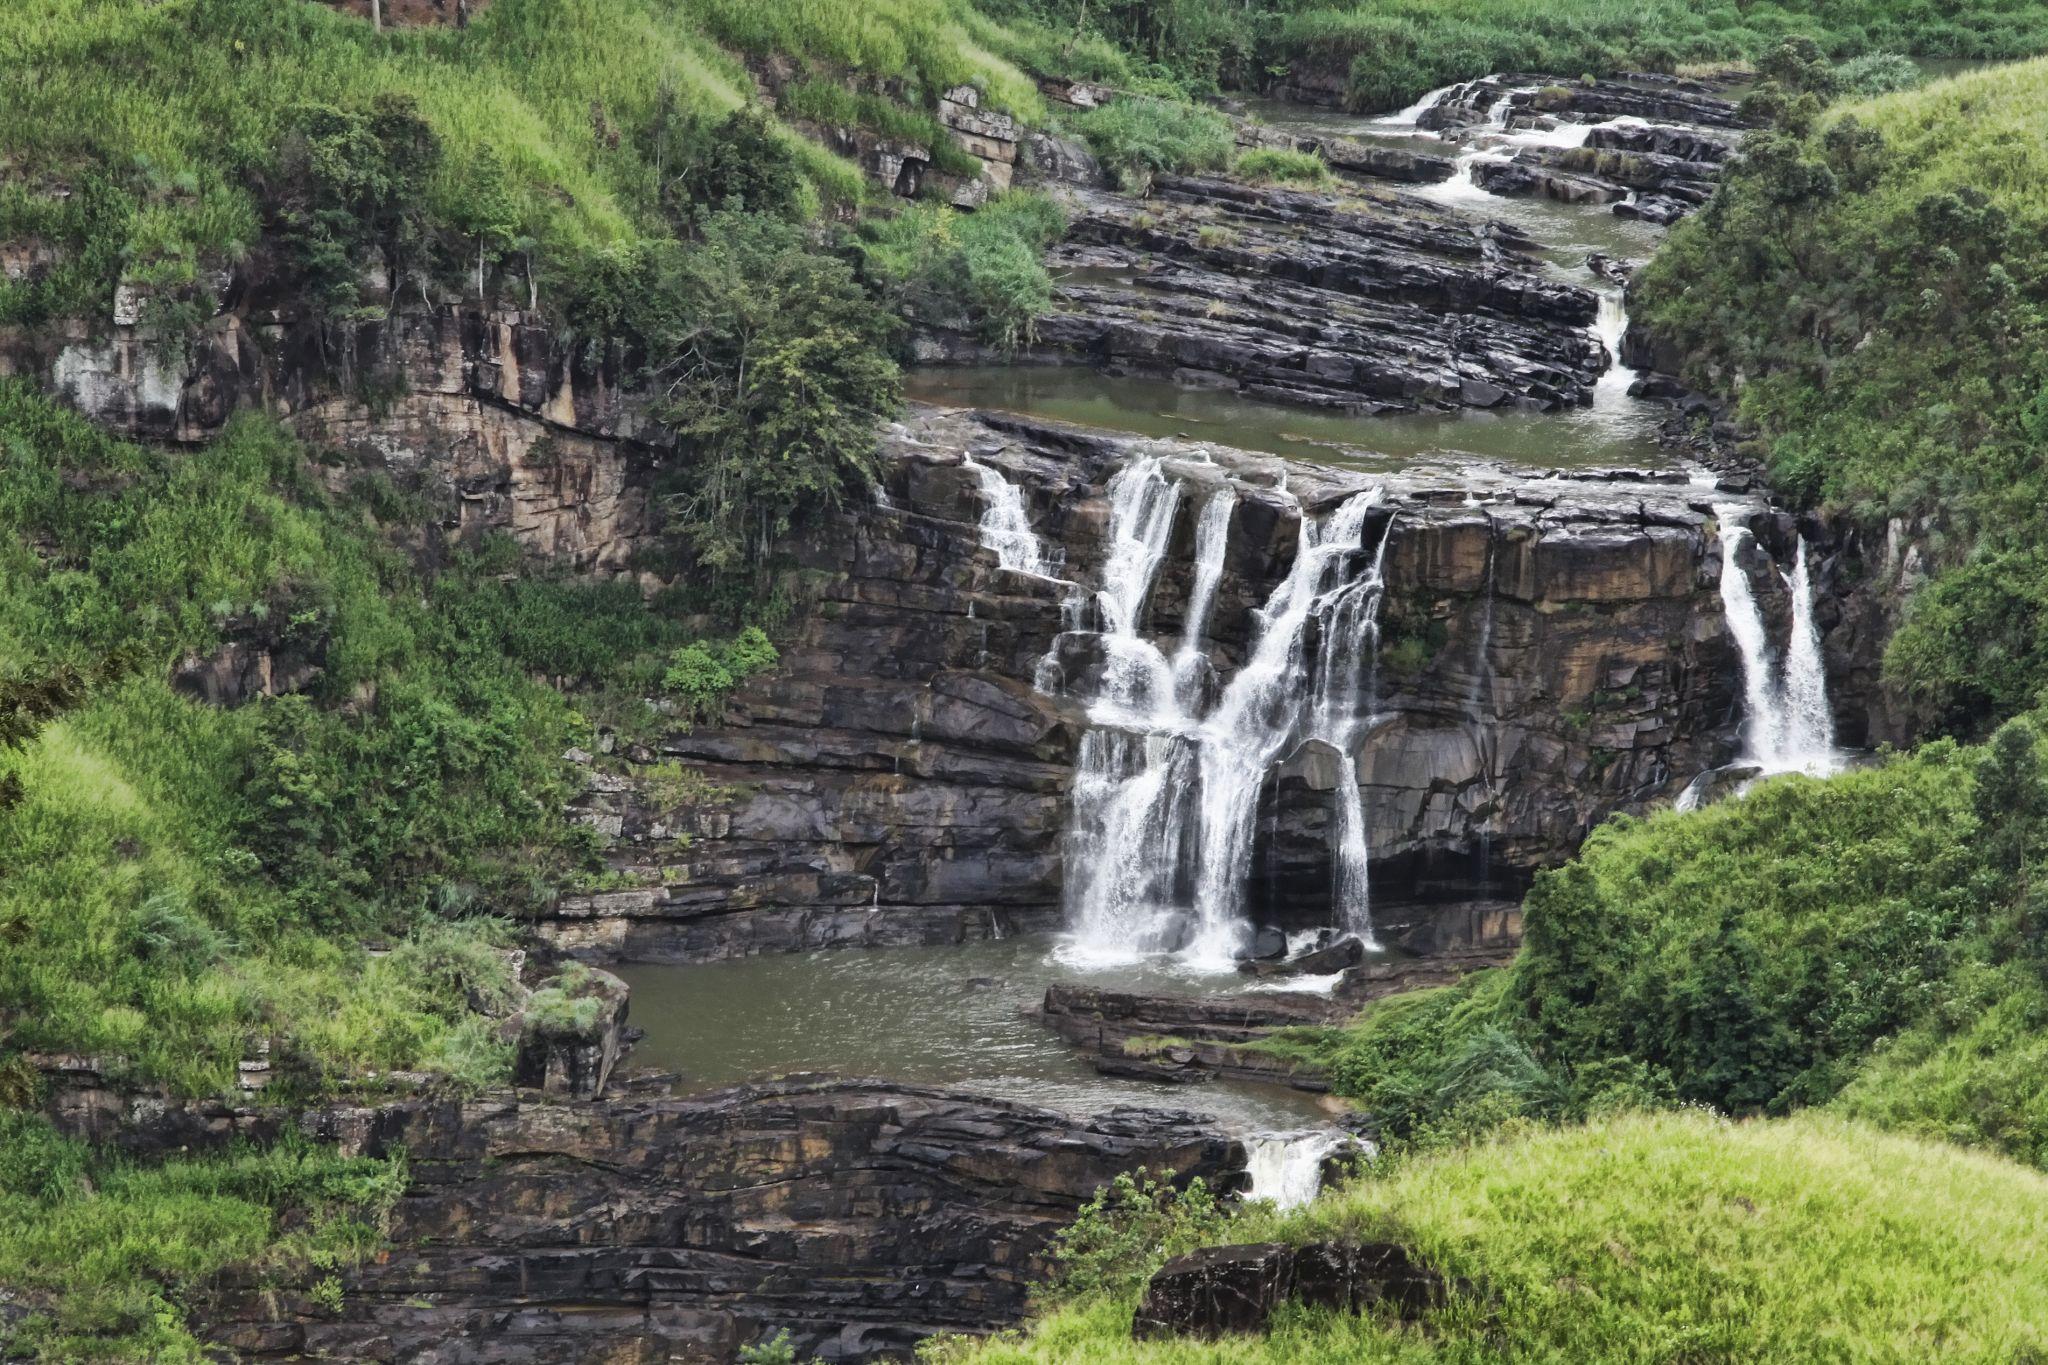 St. Clair's Waterfalls, Sri Lanka